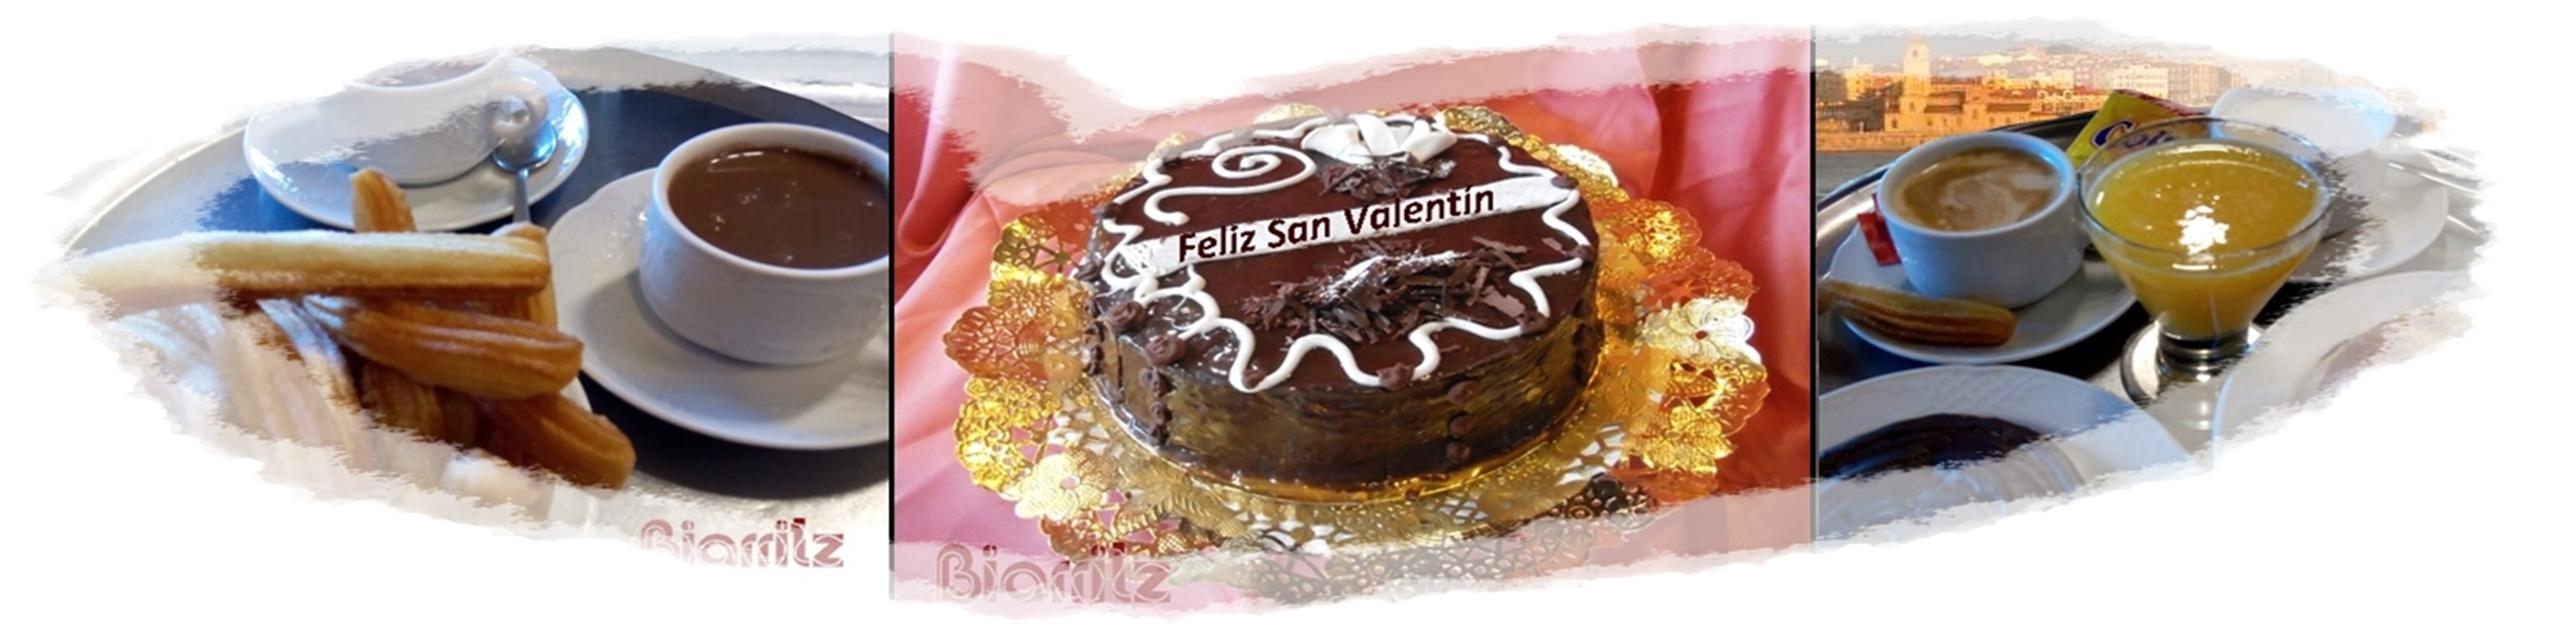 Y tú, qué prefieres, Tarta romántica o merienda para 2?